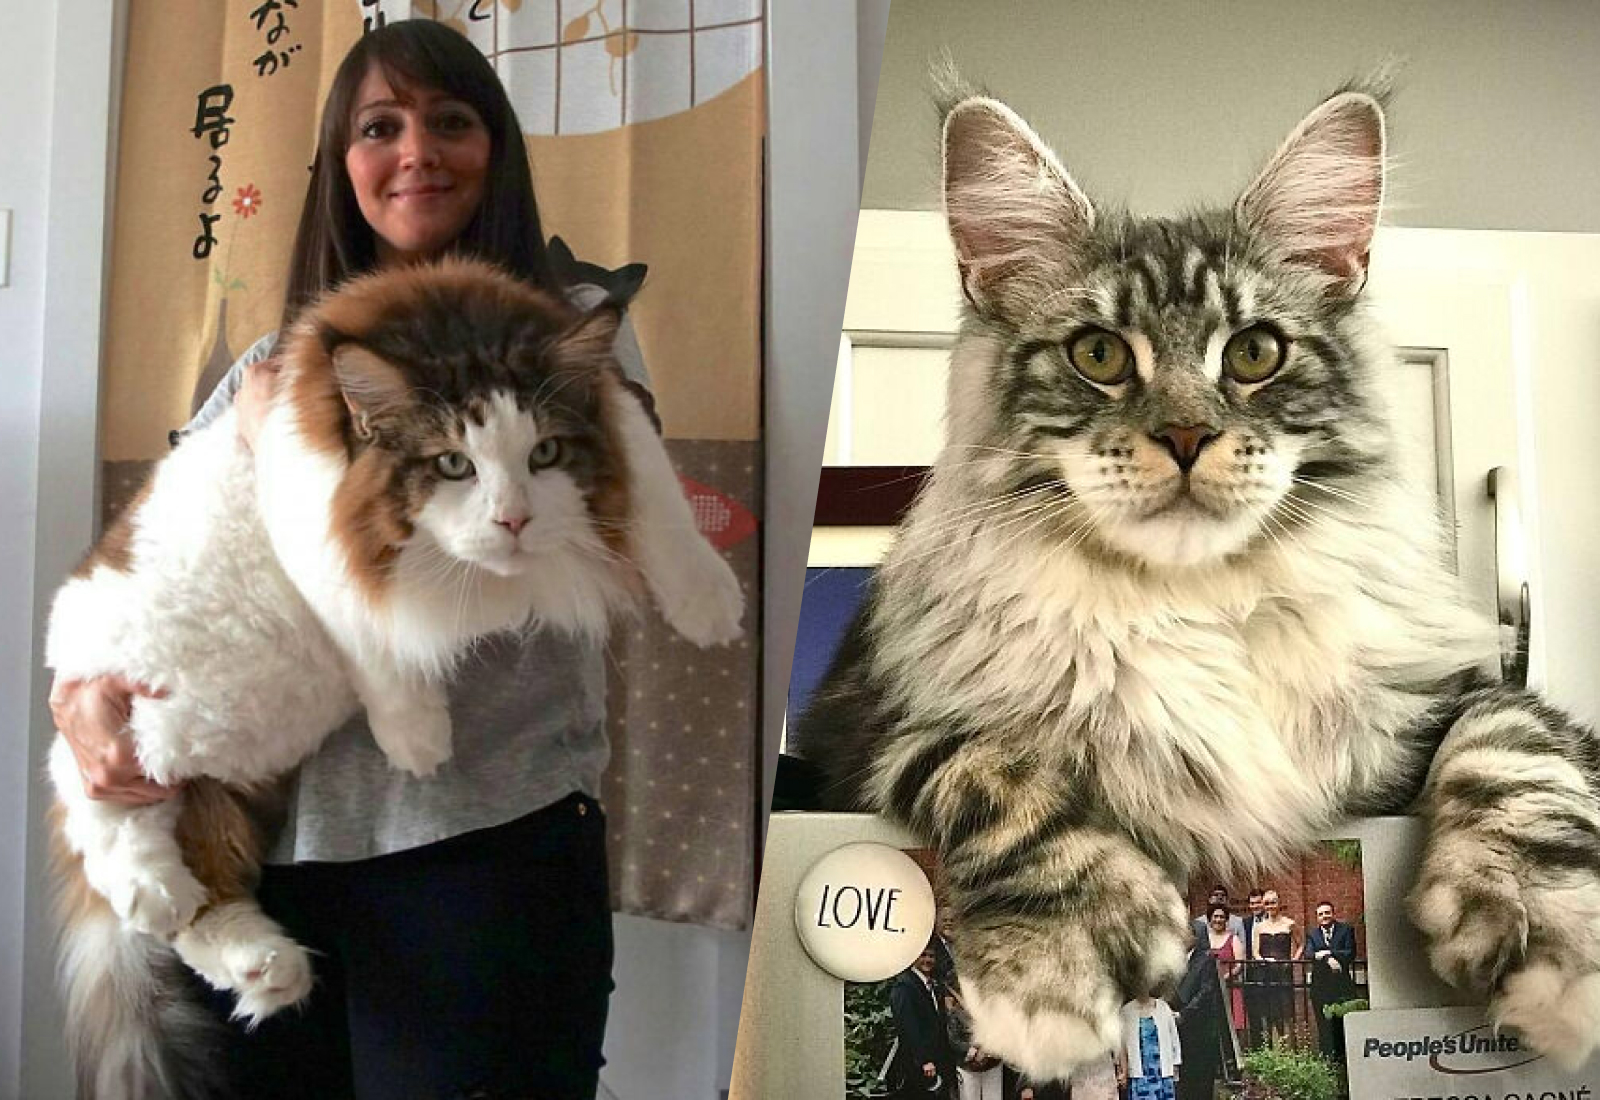 15 незаконно больших котов, которые не только умилят кого угодно, но и перепугают до чёртиков